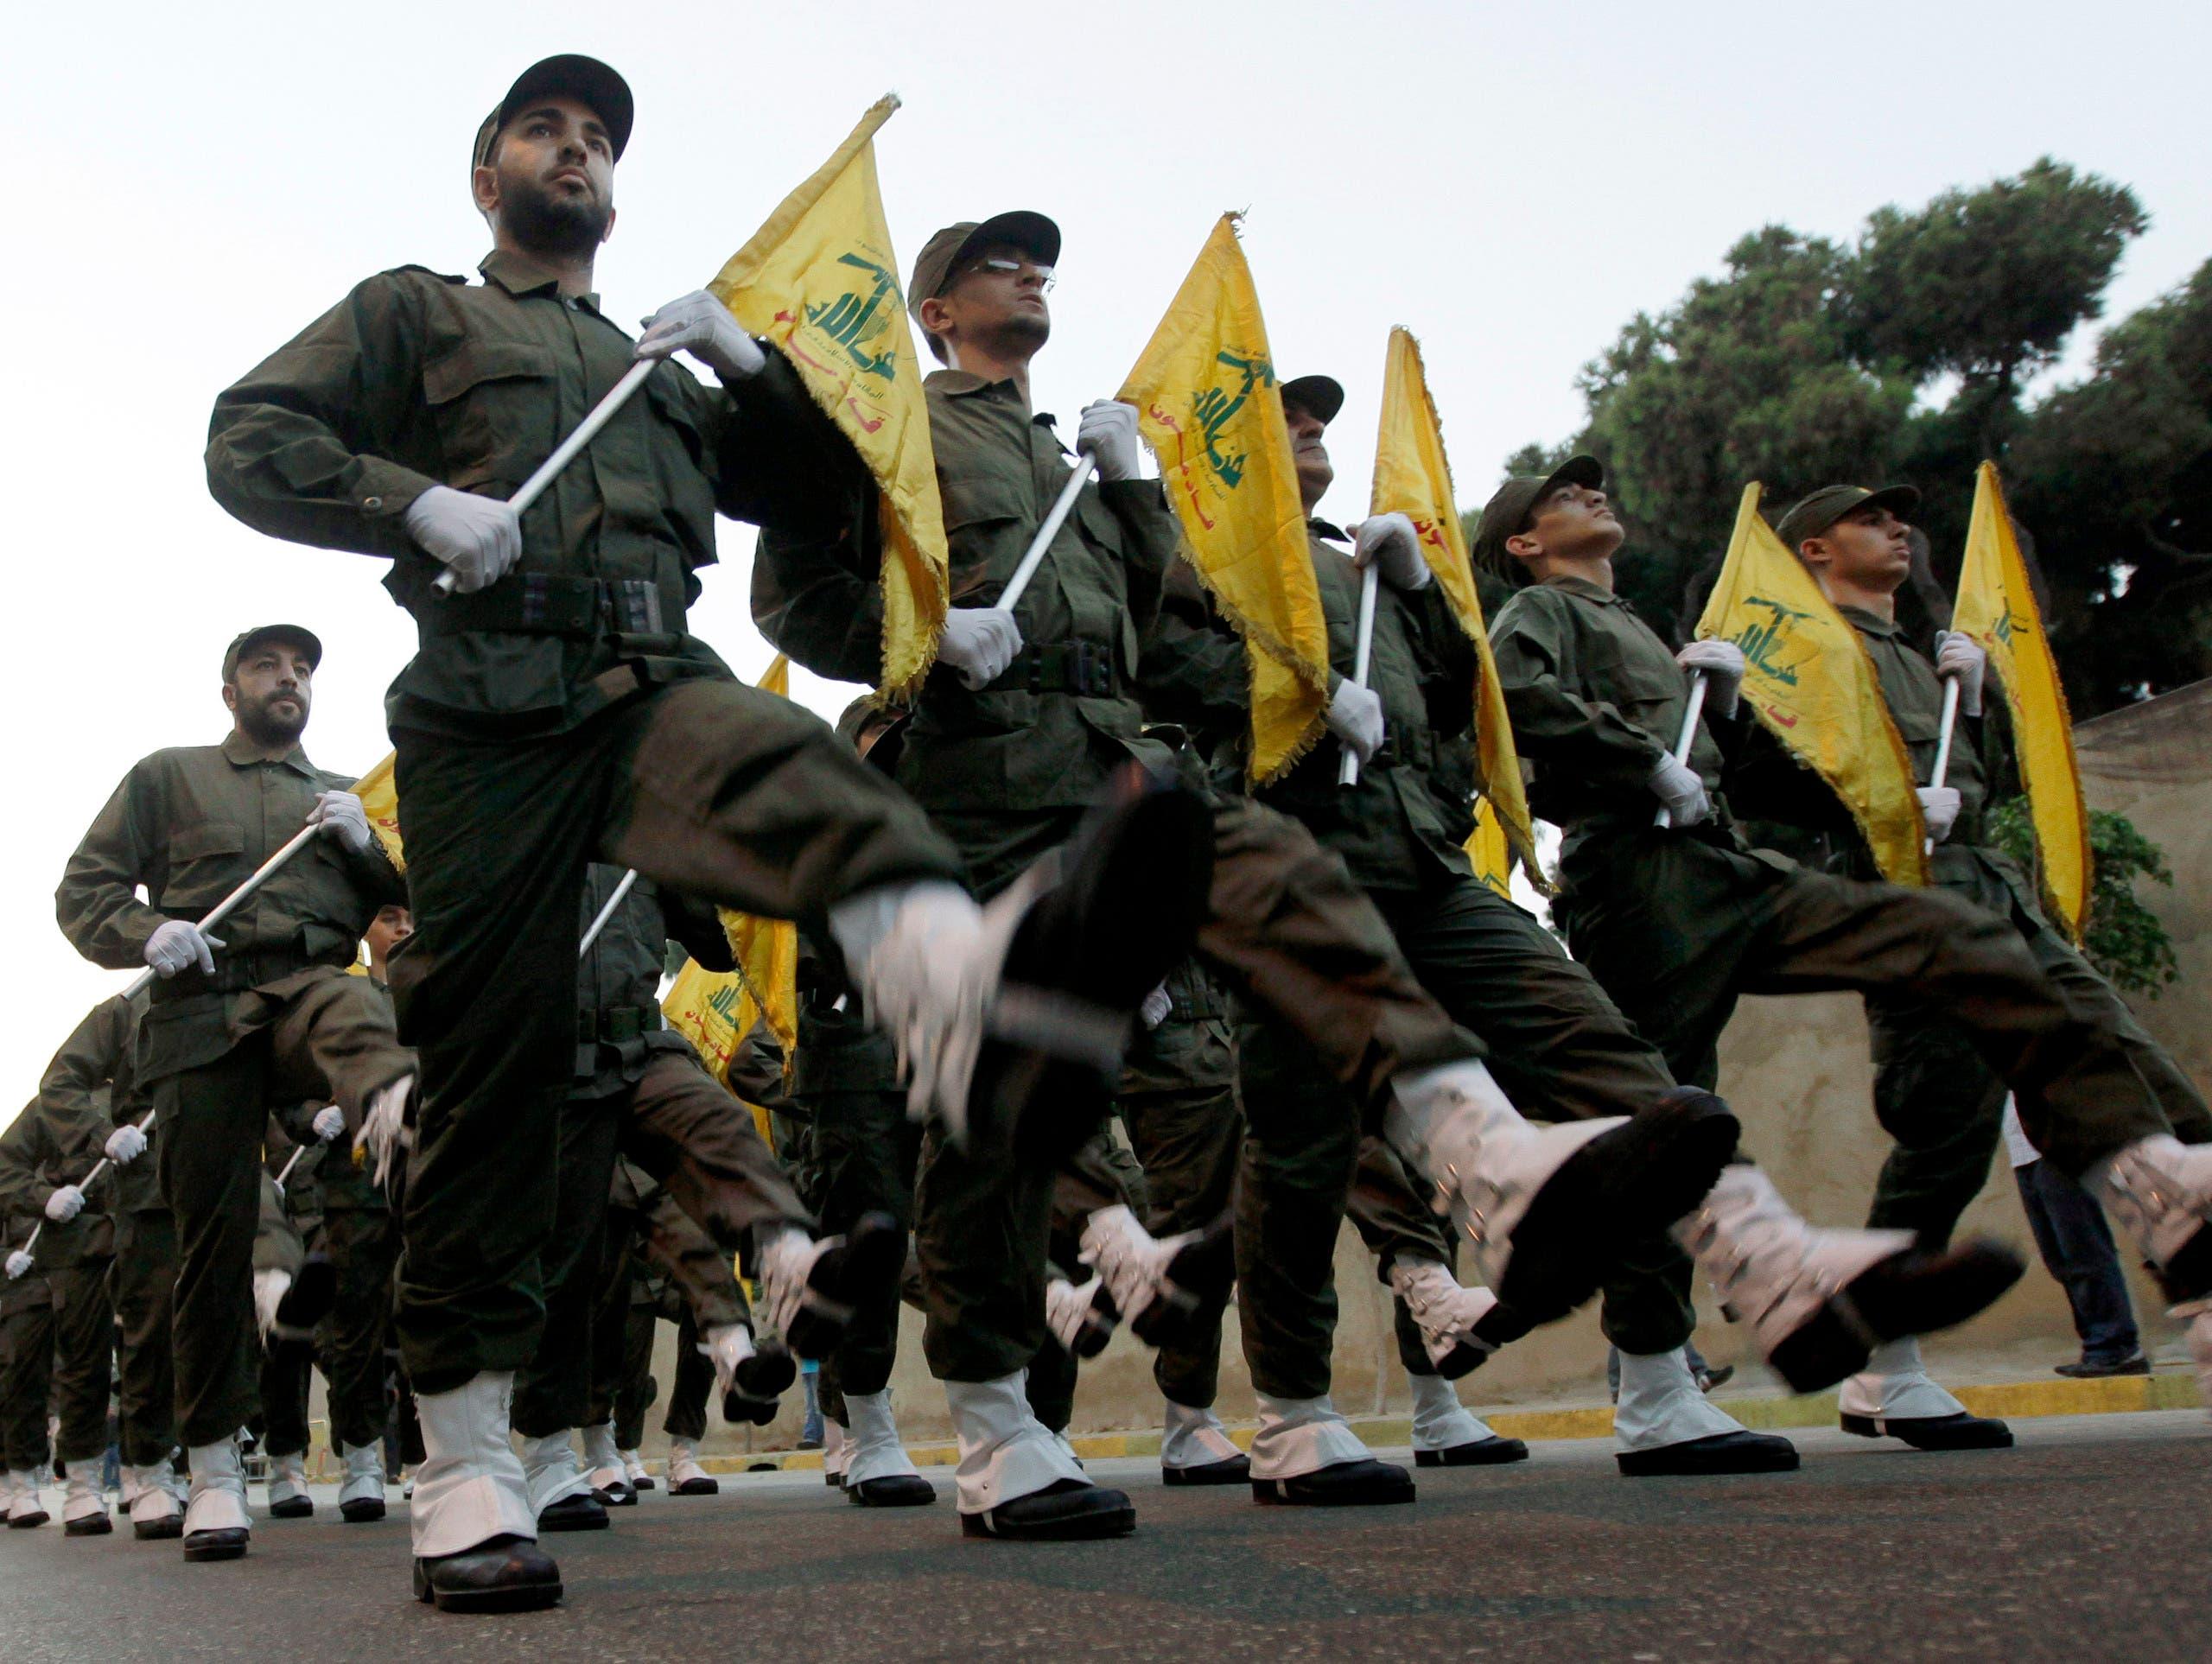 عناصر من حزب الله خلال عرض عسكري في الضاحية الجنوبية لبيروت (أرشيفية)